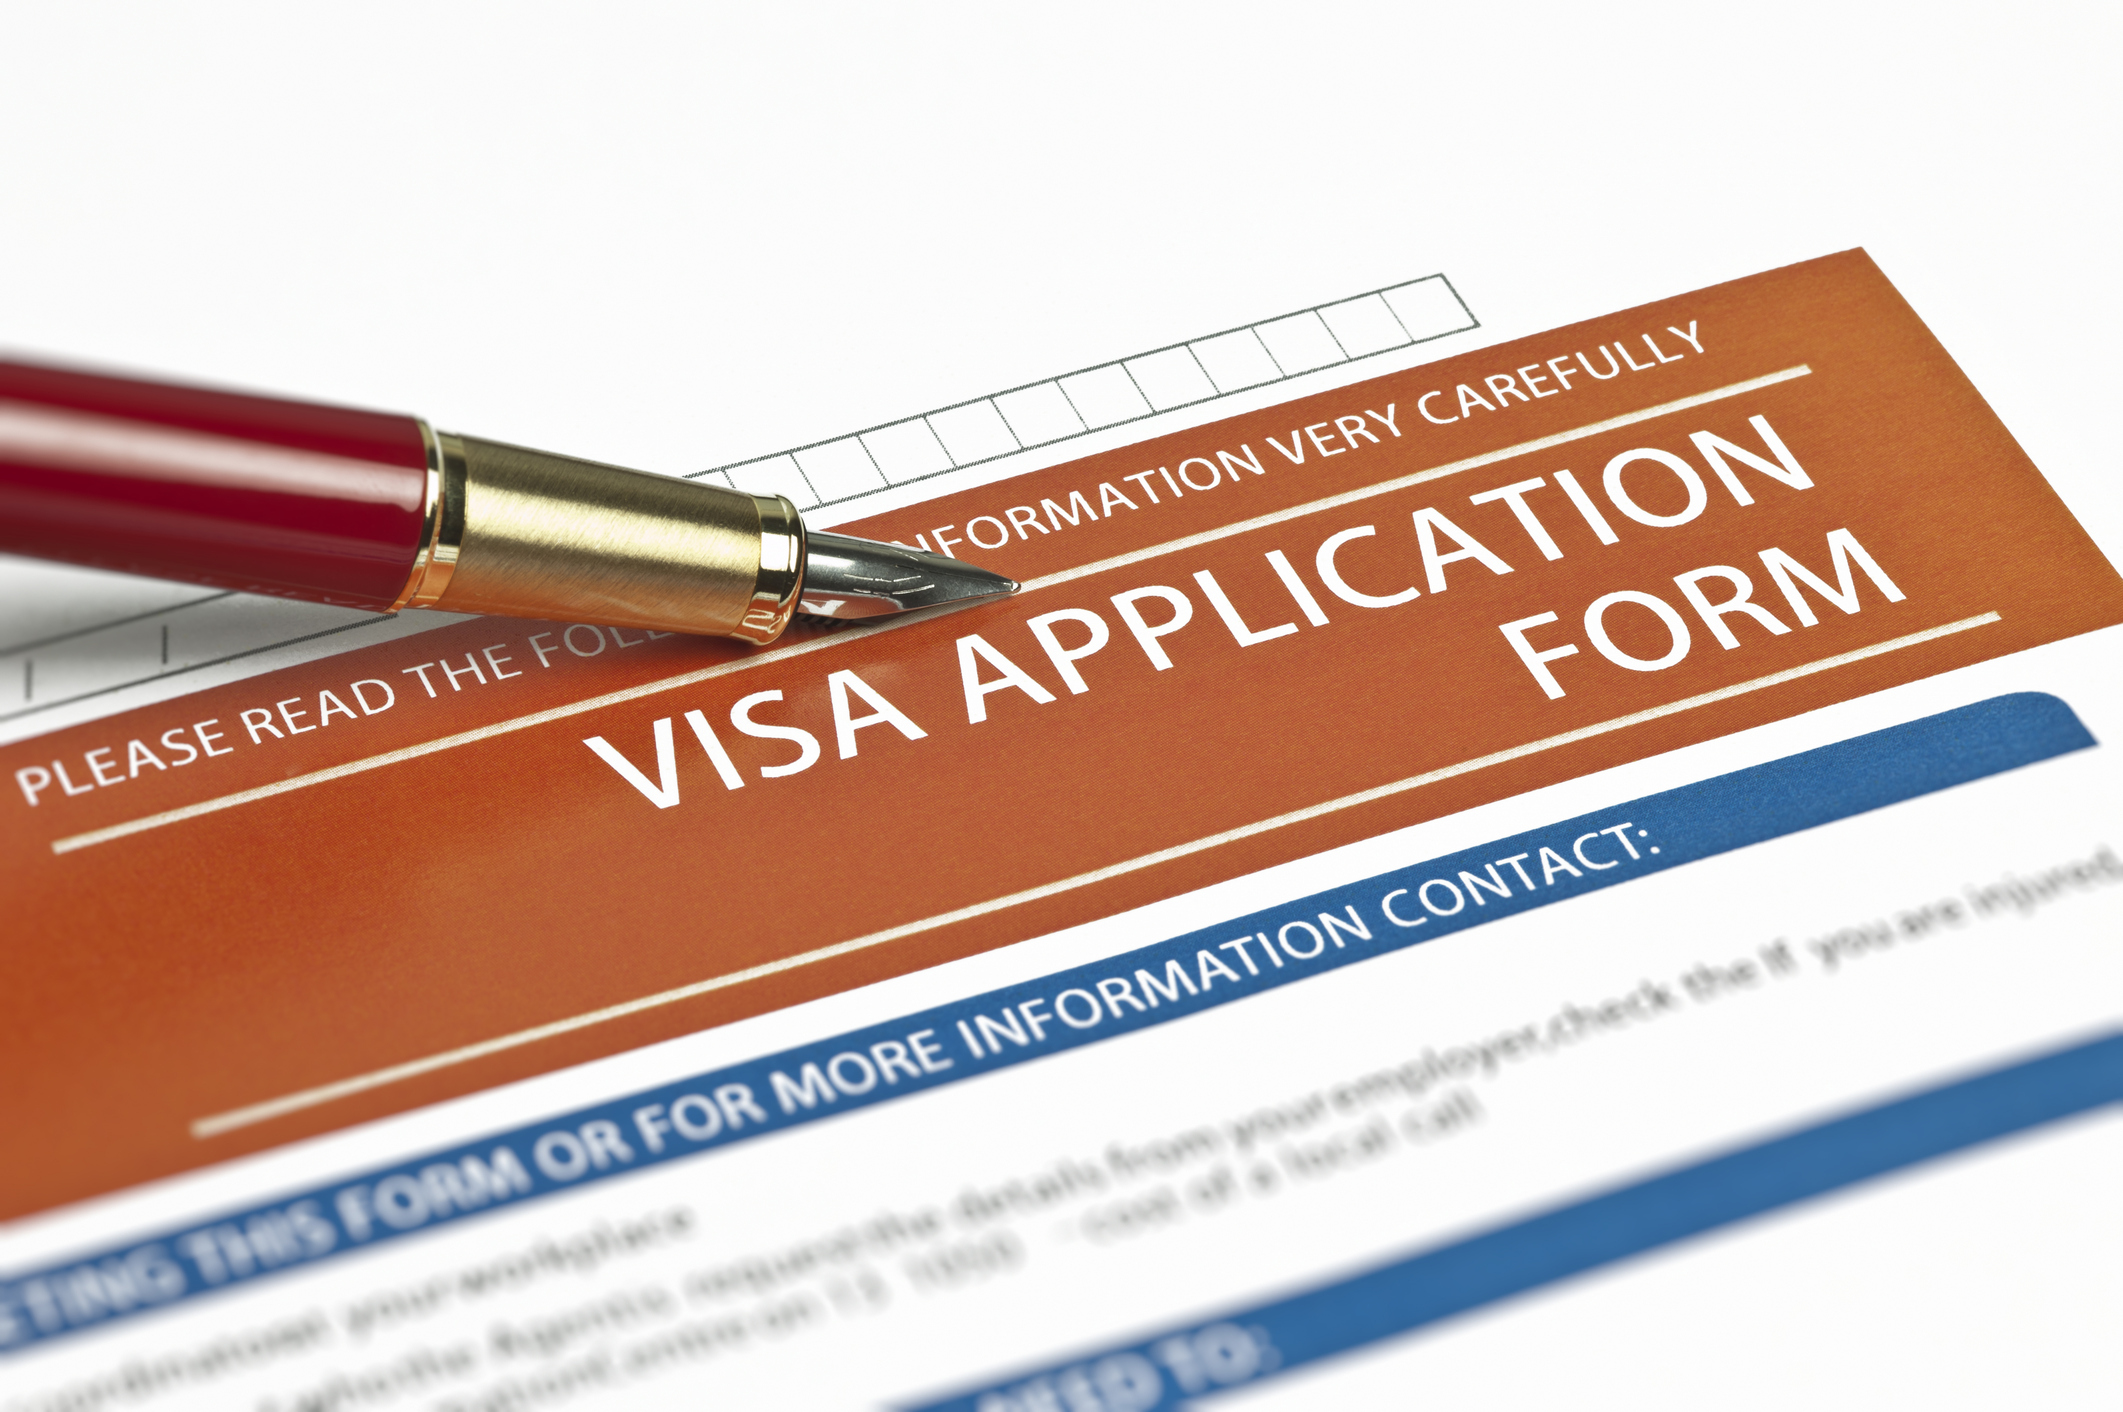 A visa application form